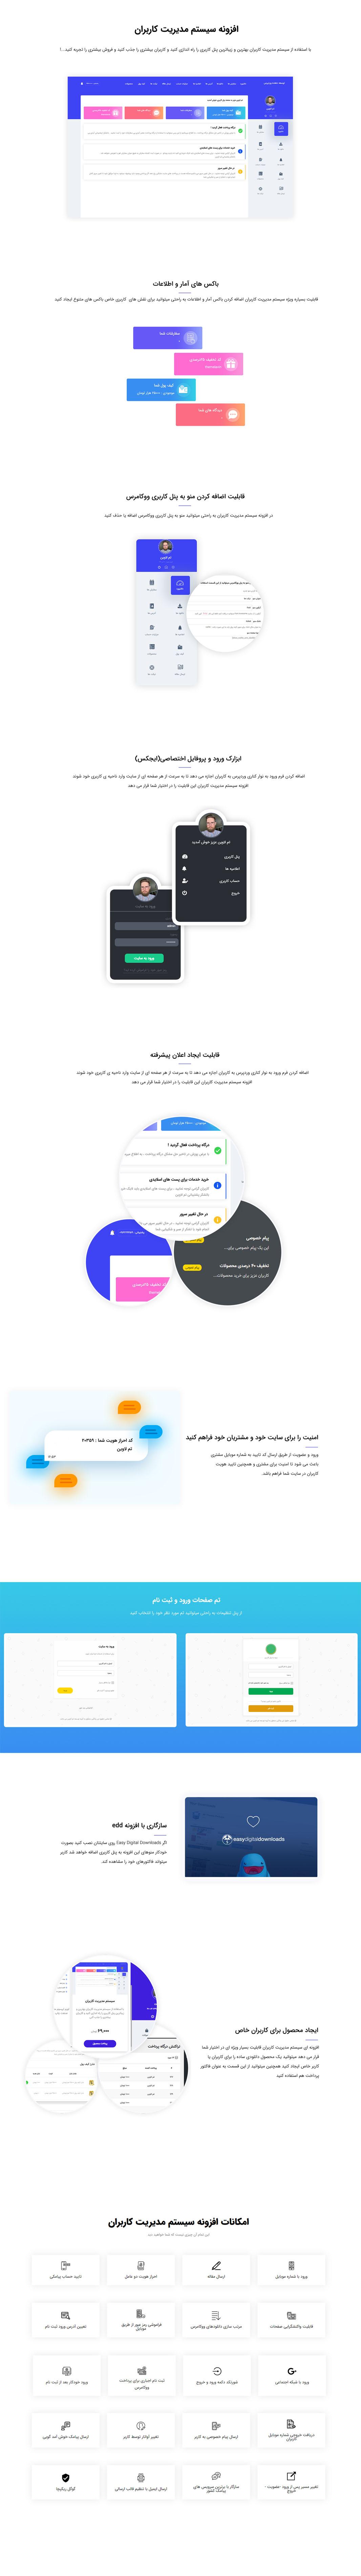 افزونه سیستم مدیریت کاربران